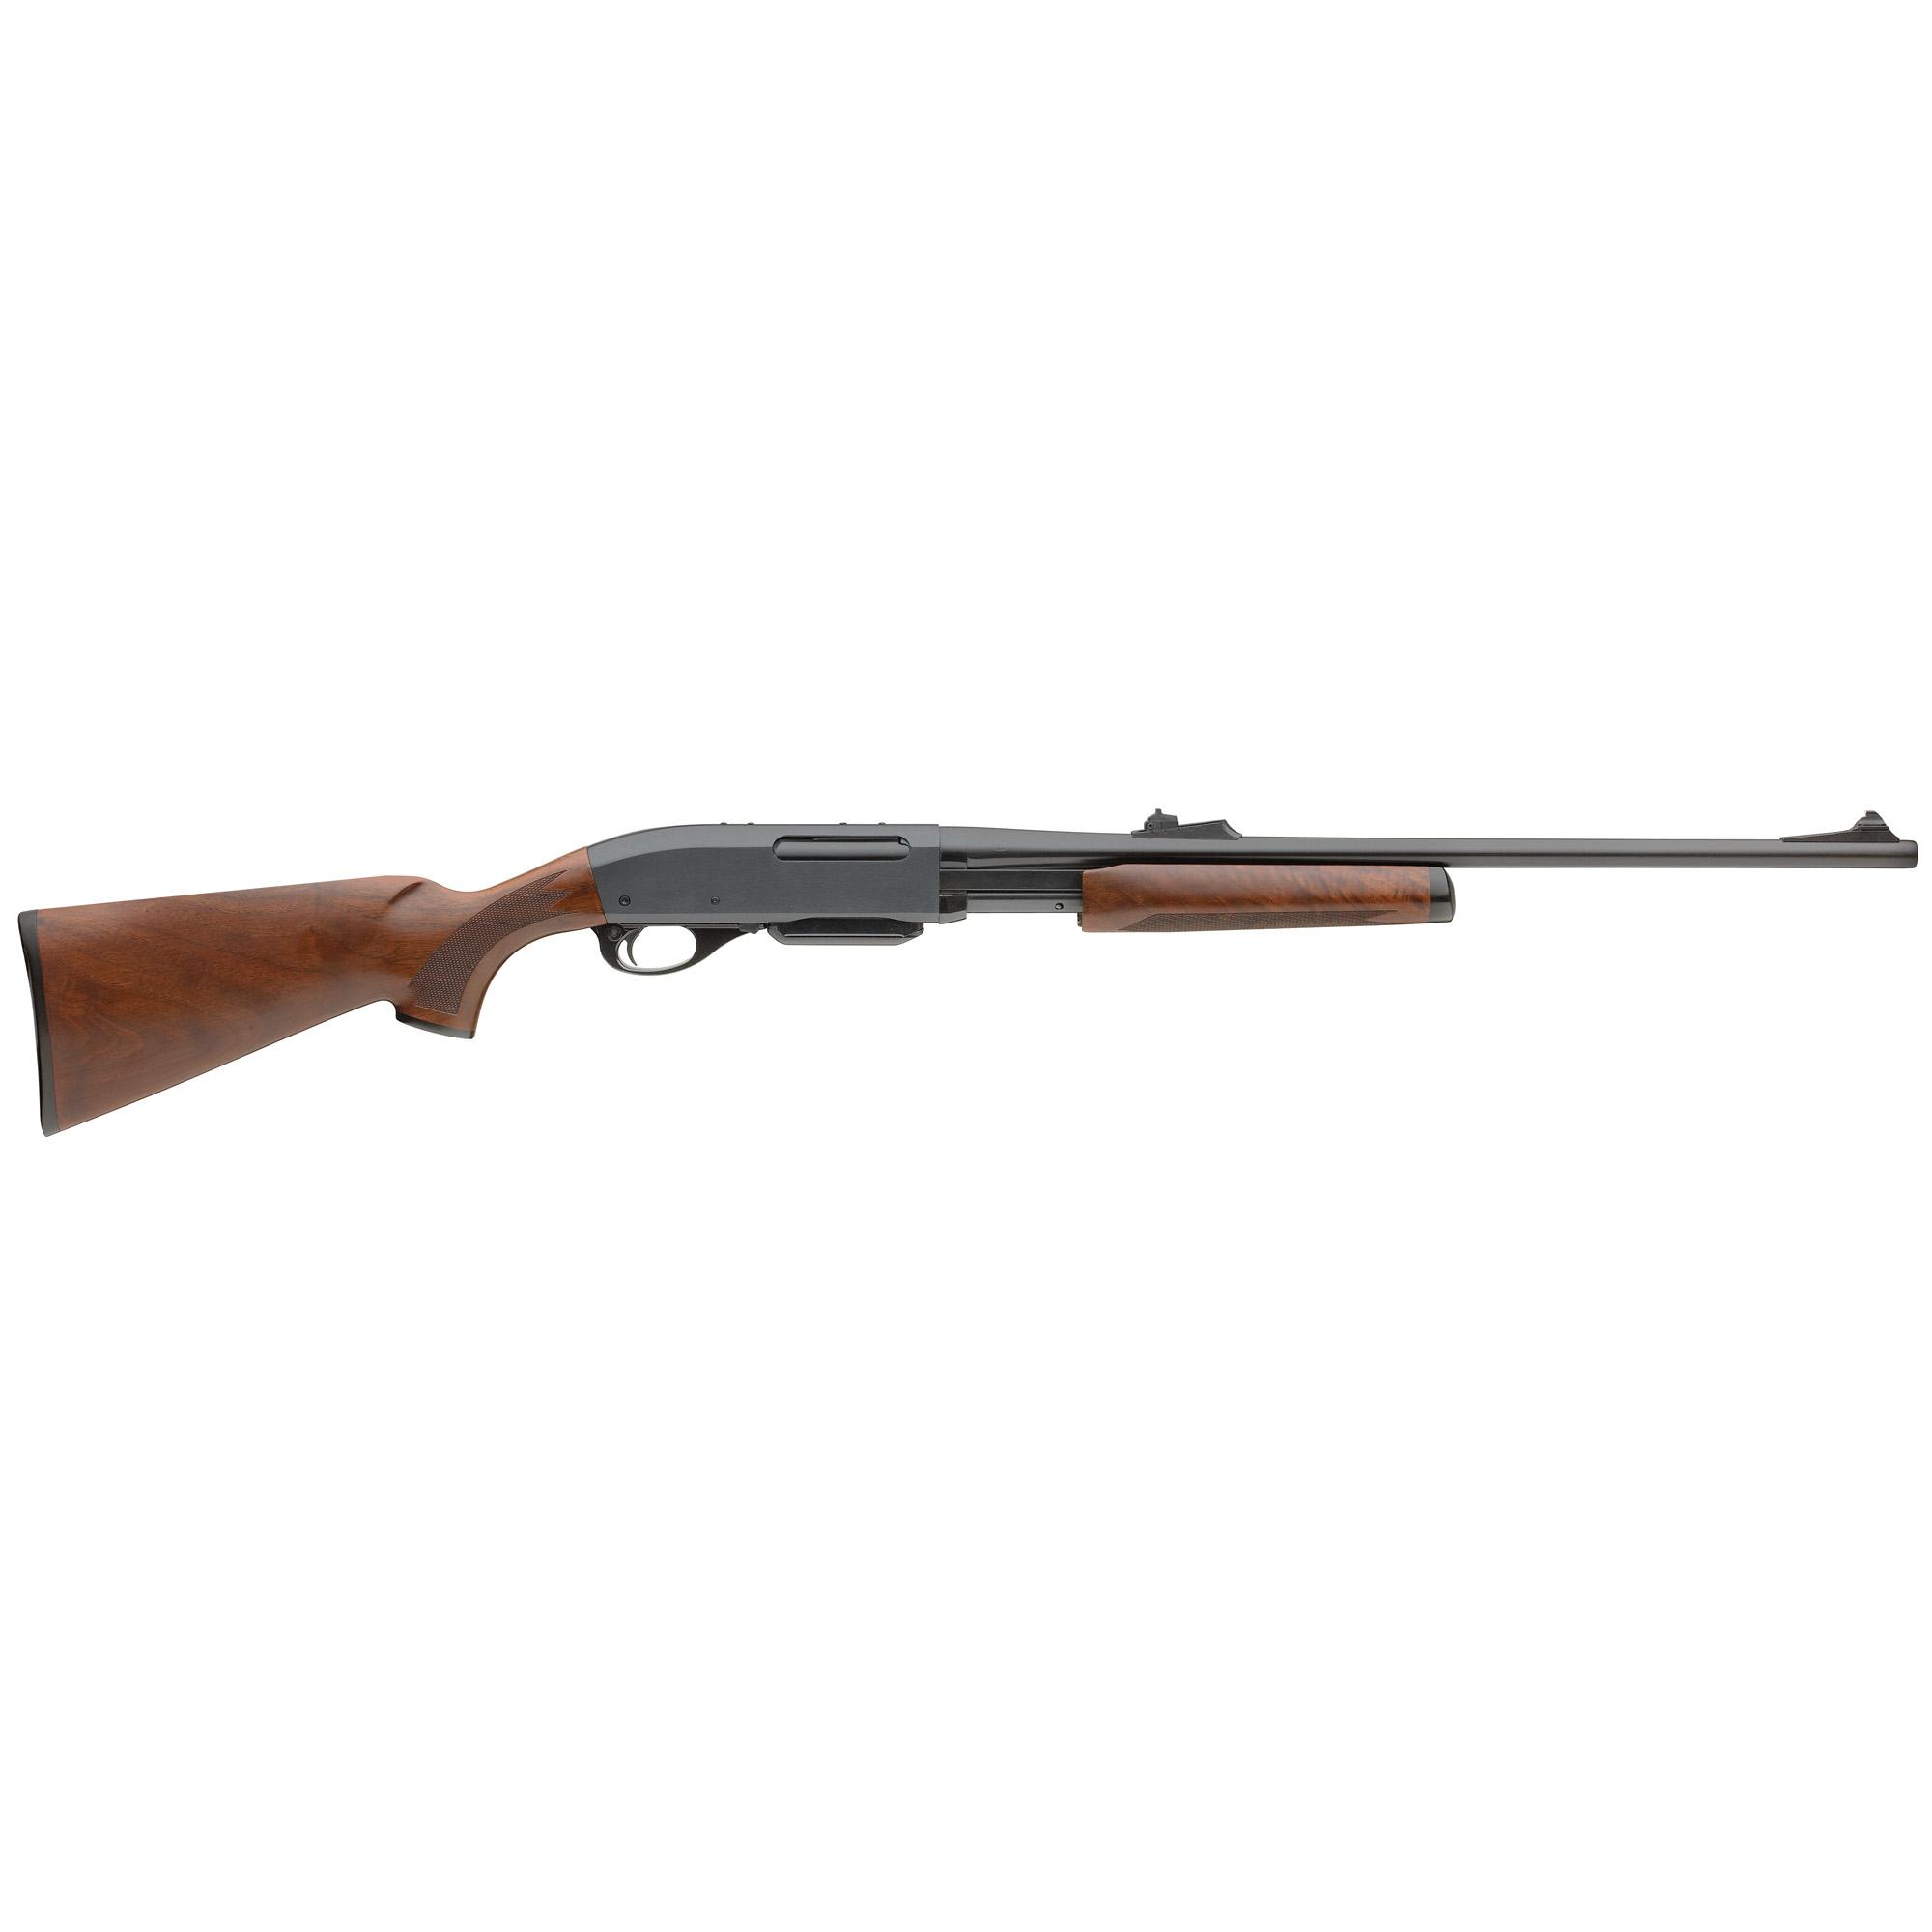 Pump Action Rifles